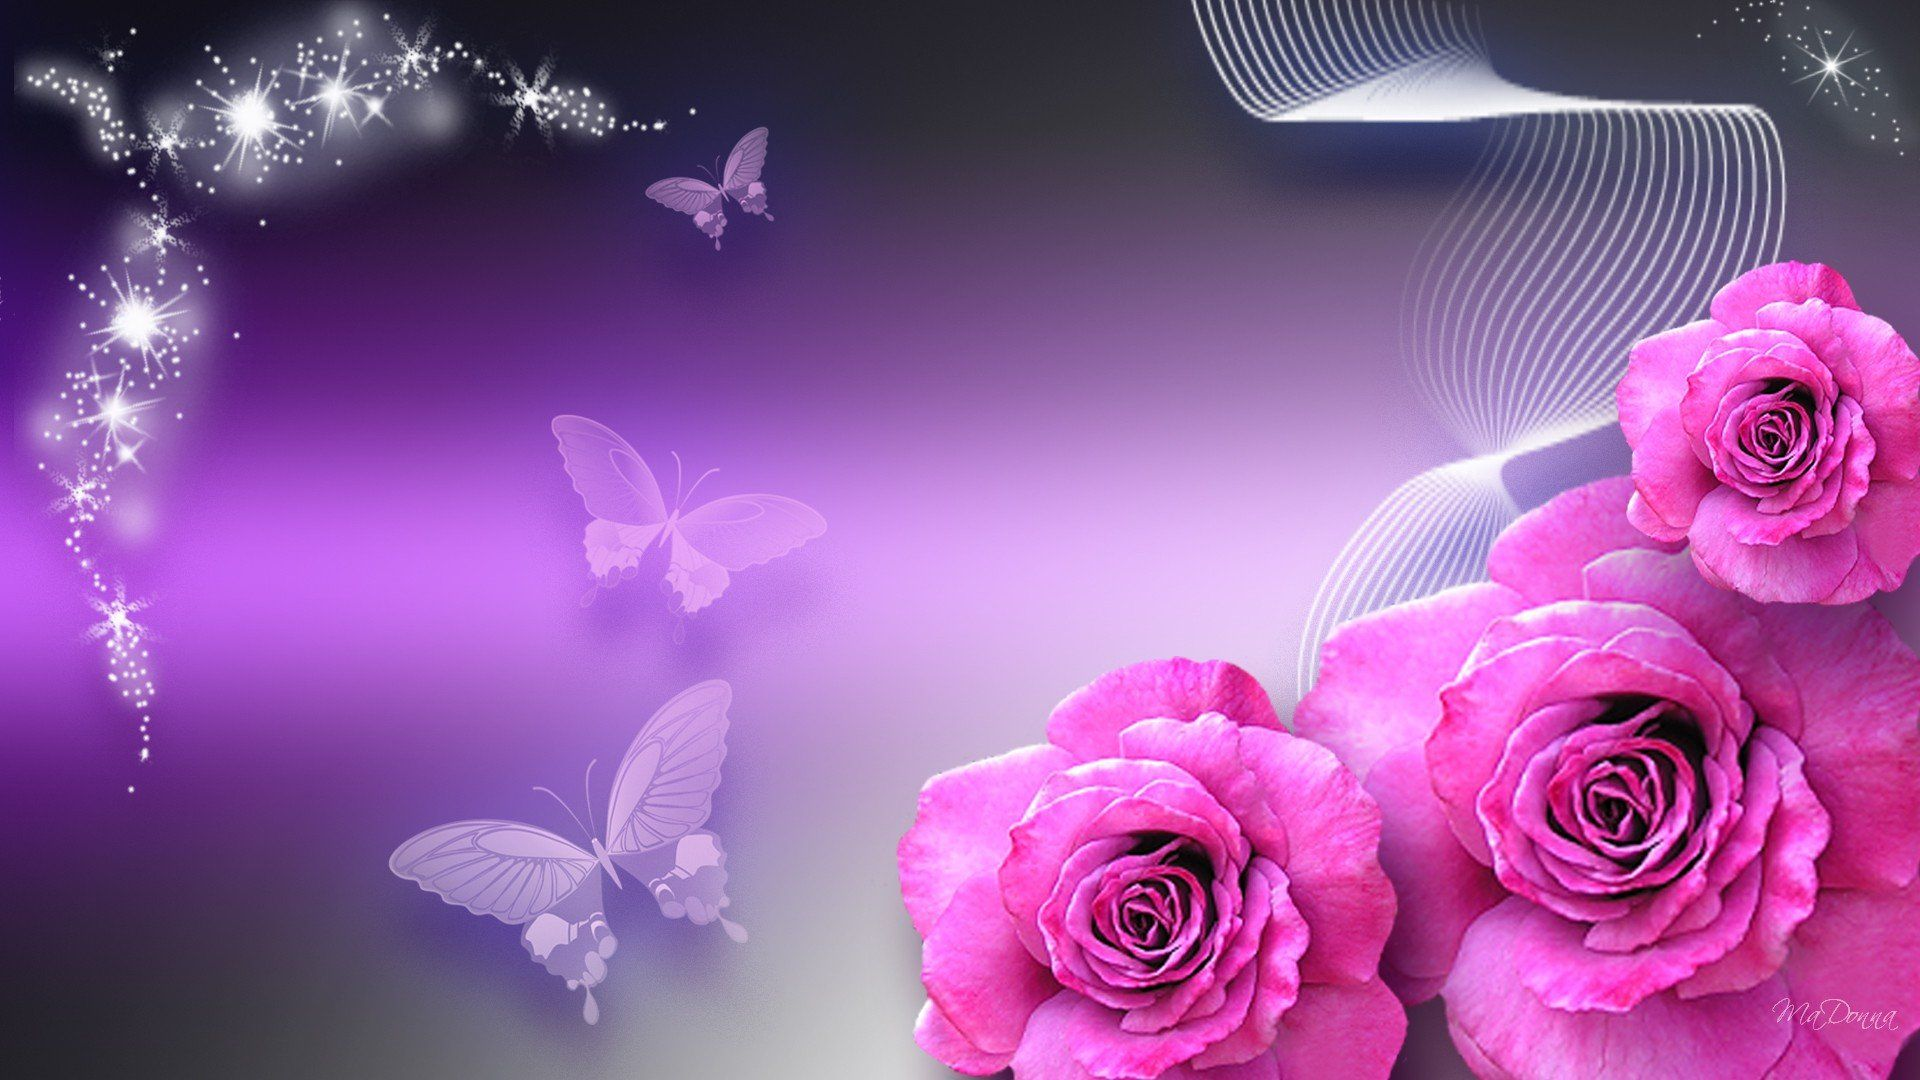 3d Wallpaper Hd Rose Wallpaper Walldevil Best Free Hd Desktop Pink Rose Wallpaper Hd Purple Glitter Wallpaper Butterfly Wallpaper Flower 3d nature wallpaper hd 1080p